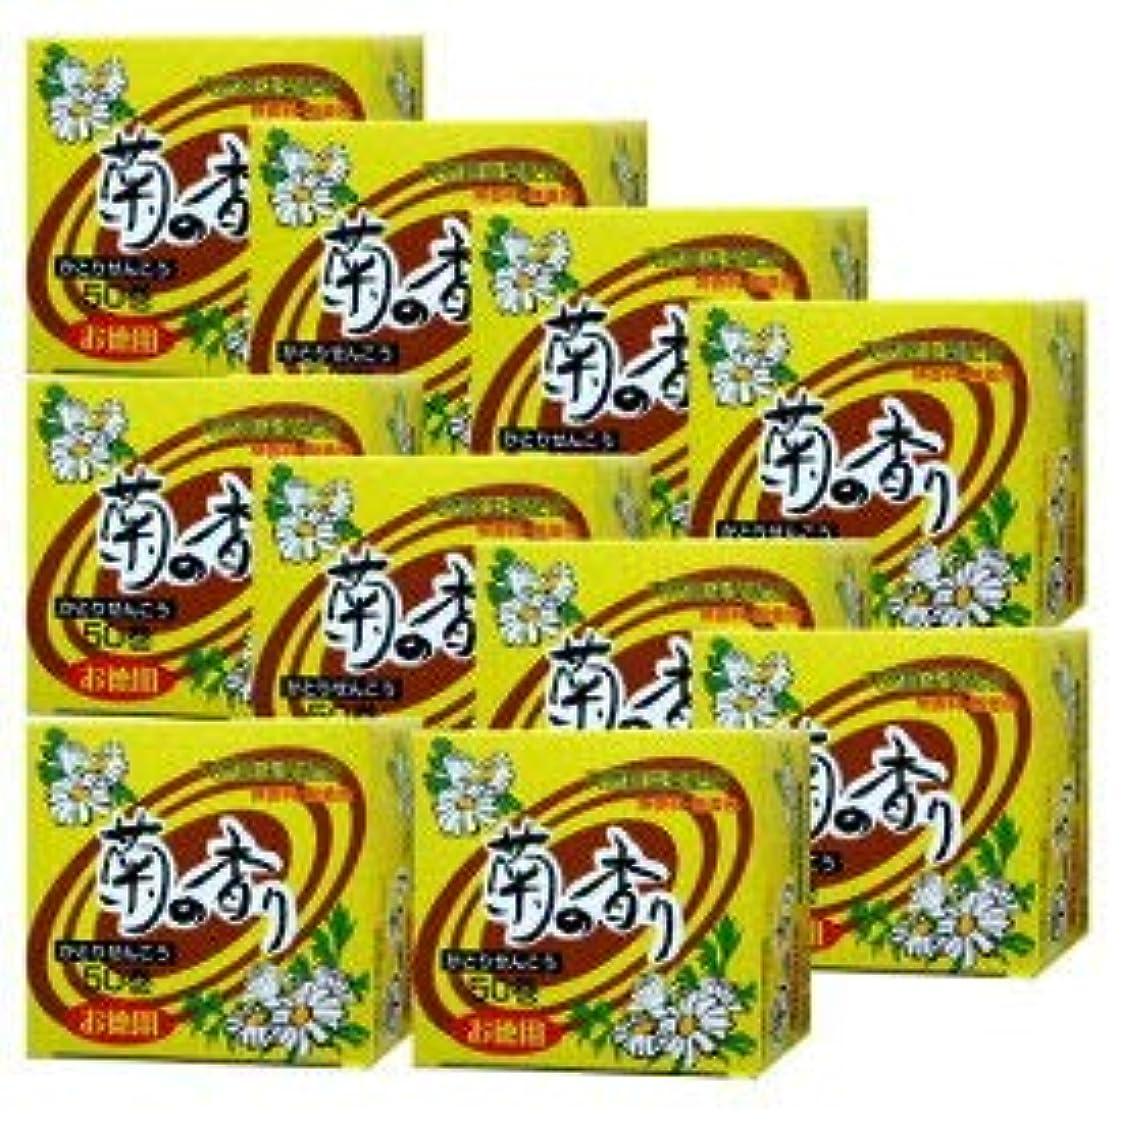 天然除虫菊配合 菊の香り かとりせんこう お徳用50巻×10個セット